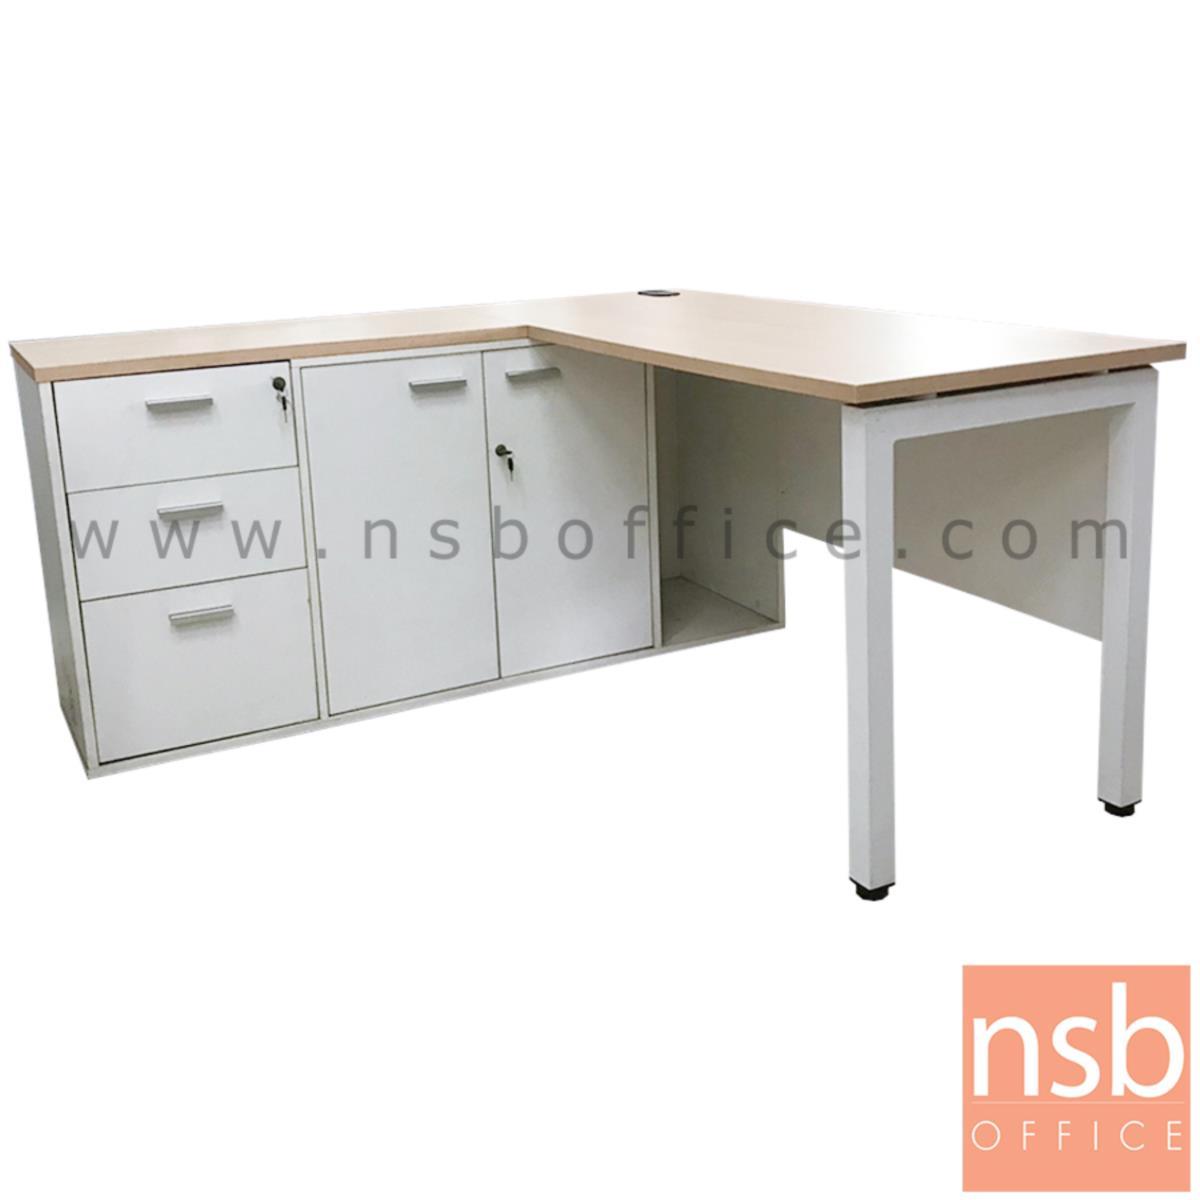 โต๊ะทำงานตัวแอล   ขนาด 150W1*150W2 cm. พร้อมตู้เก็บเอกสาร ขาเหล็ก